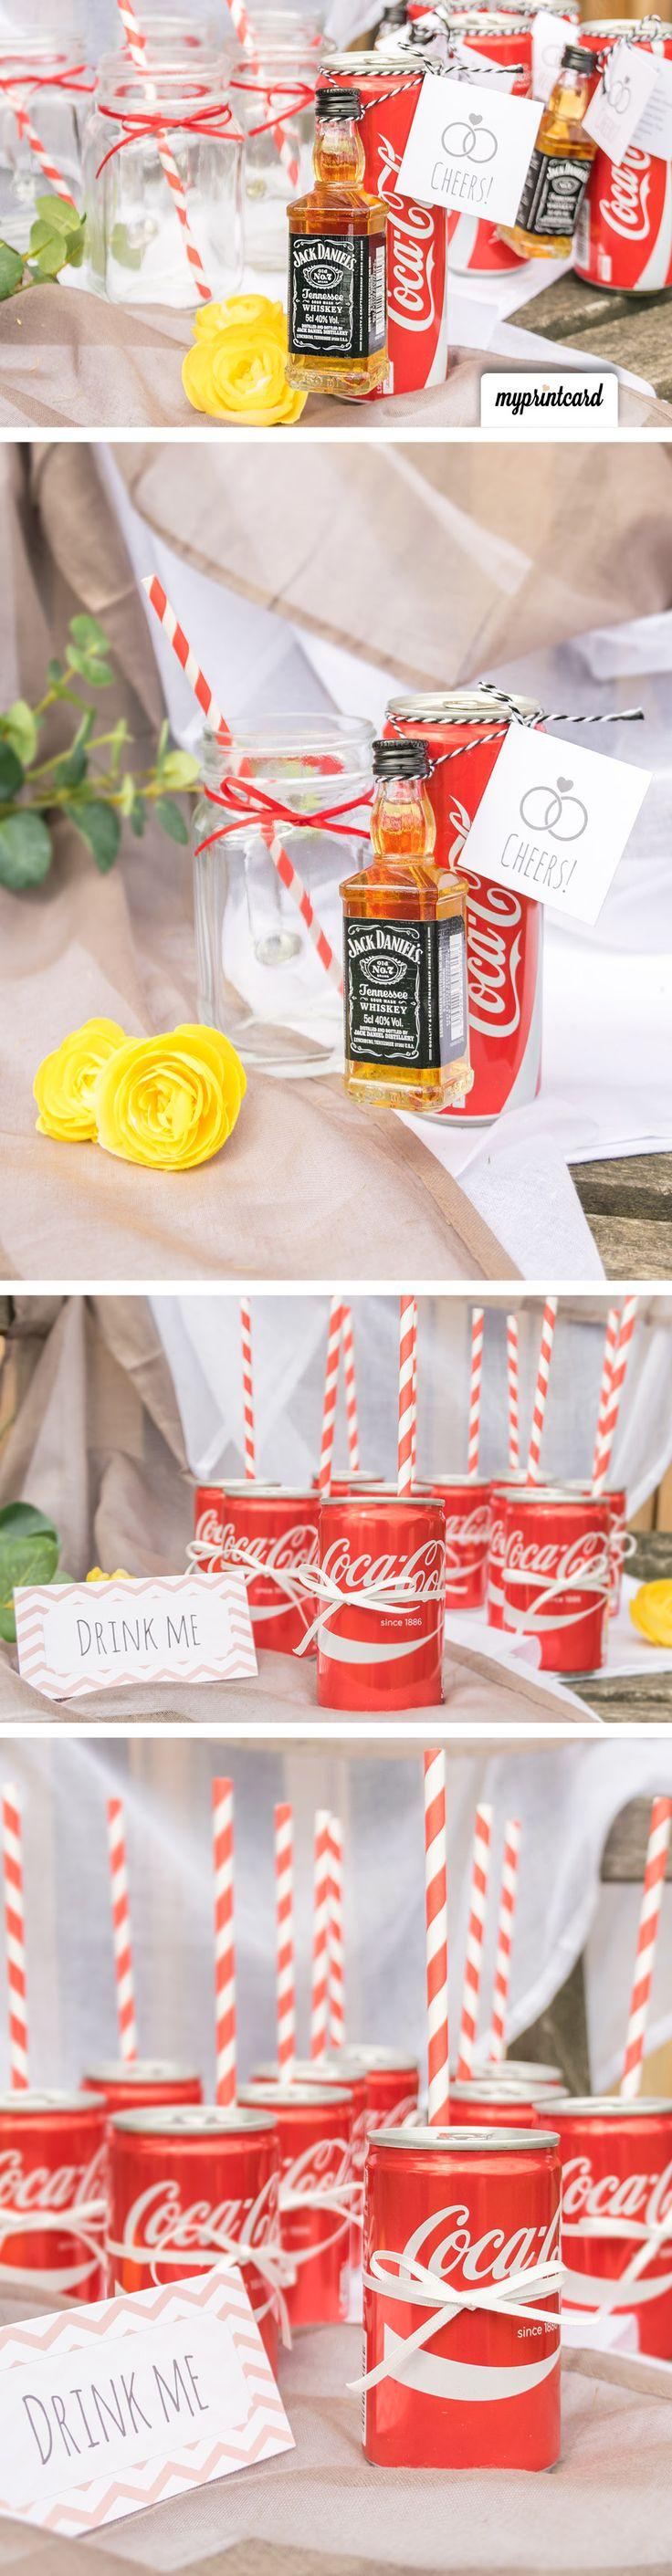 Tolle und ausgefallene Ideen für den Sektempfang bei der Hochzeit. Hier kommt eine schöne Dekoration #ausgefallen #Idee #Hochzeit #heiraten #selbermachen #diy #sektempfang #cocacola #inspiration #masonjar #cheers #braut #bräutigam #trauzeuge